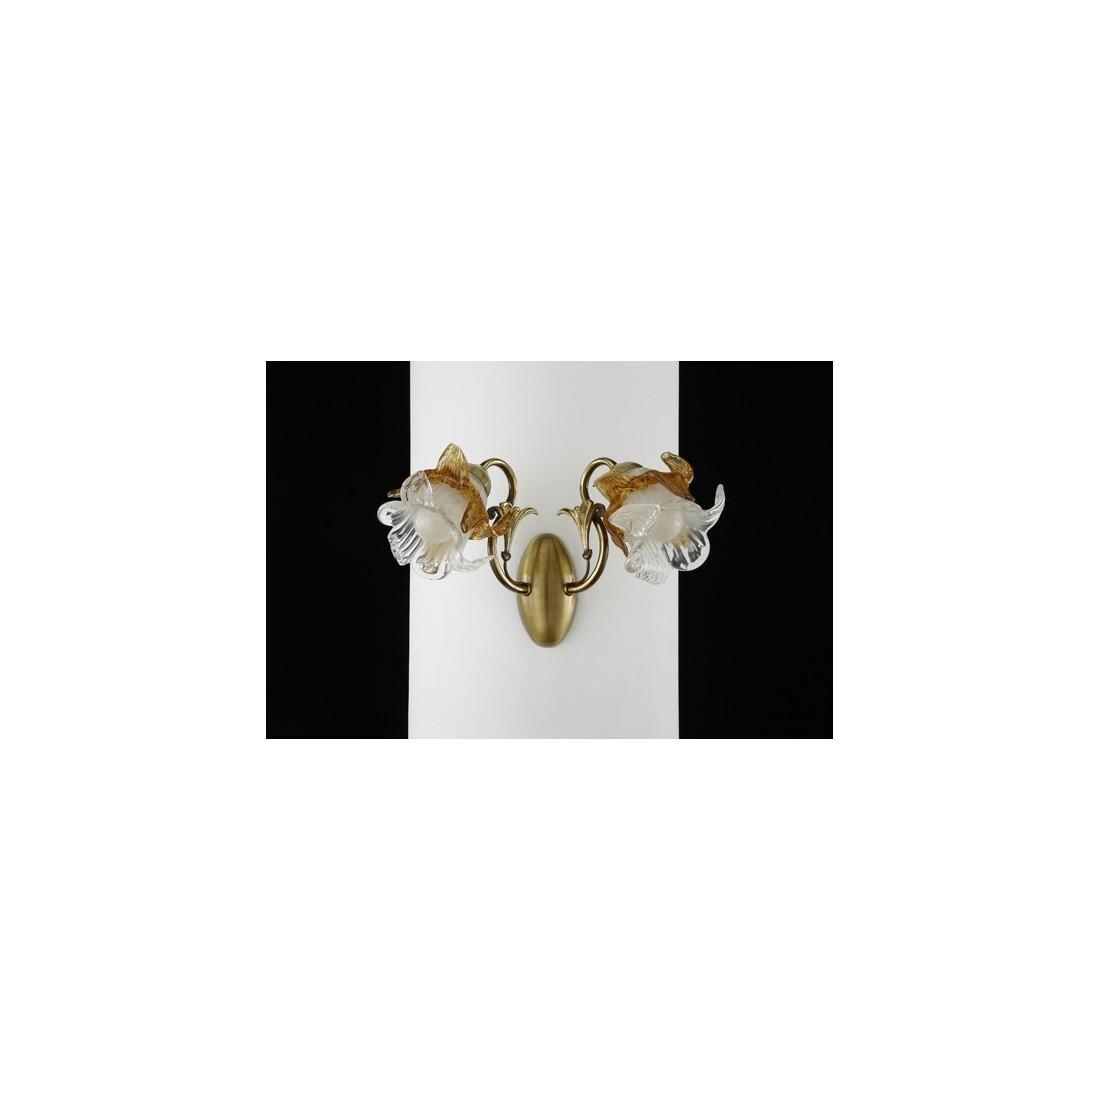 L mpara de bronce de 9 luces fabricada en espa a - Lamparas clasicas de techo ...